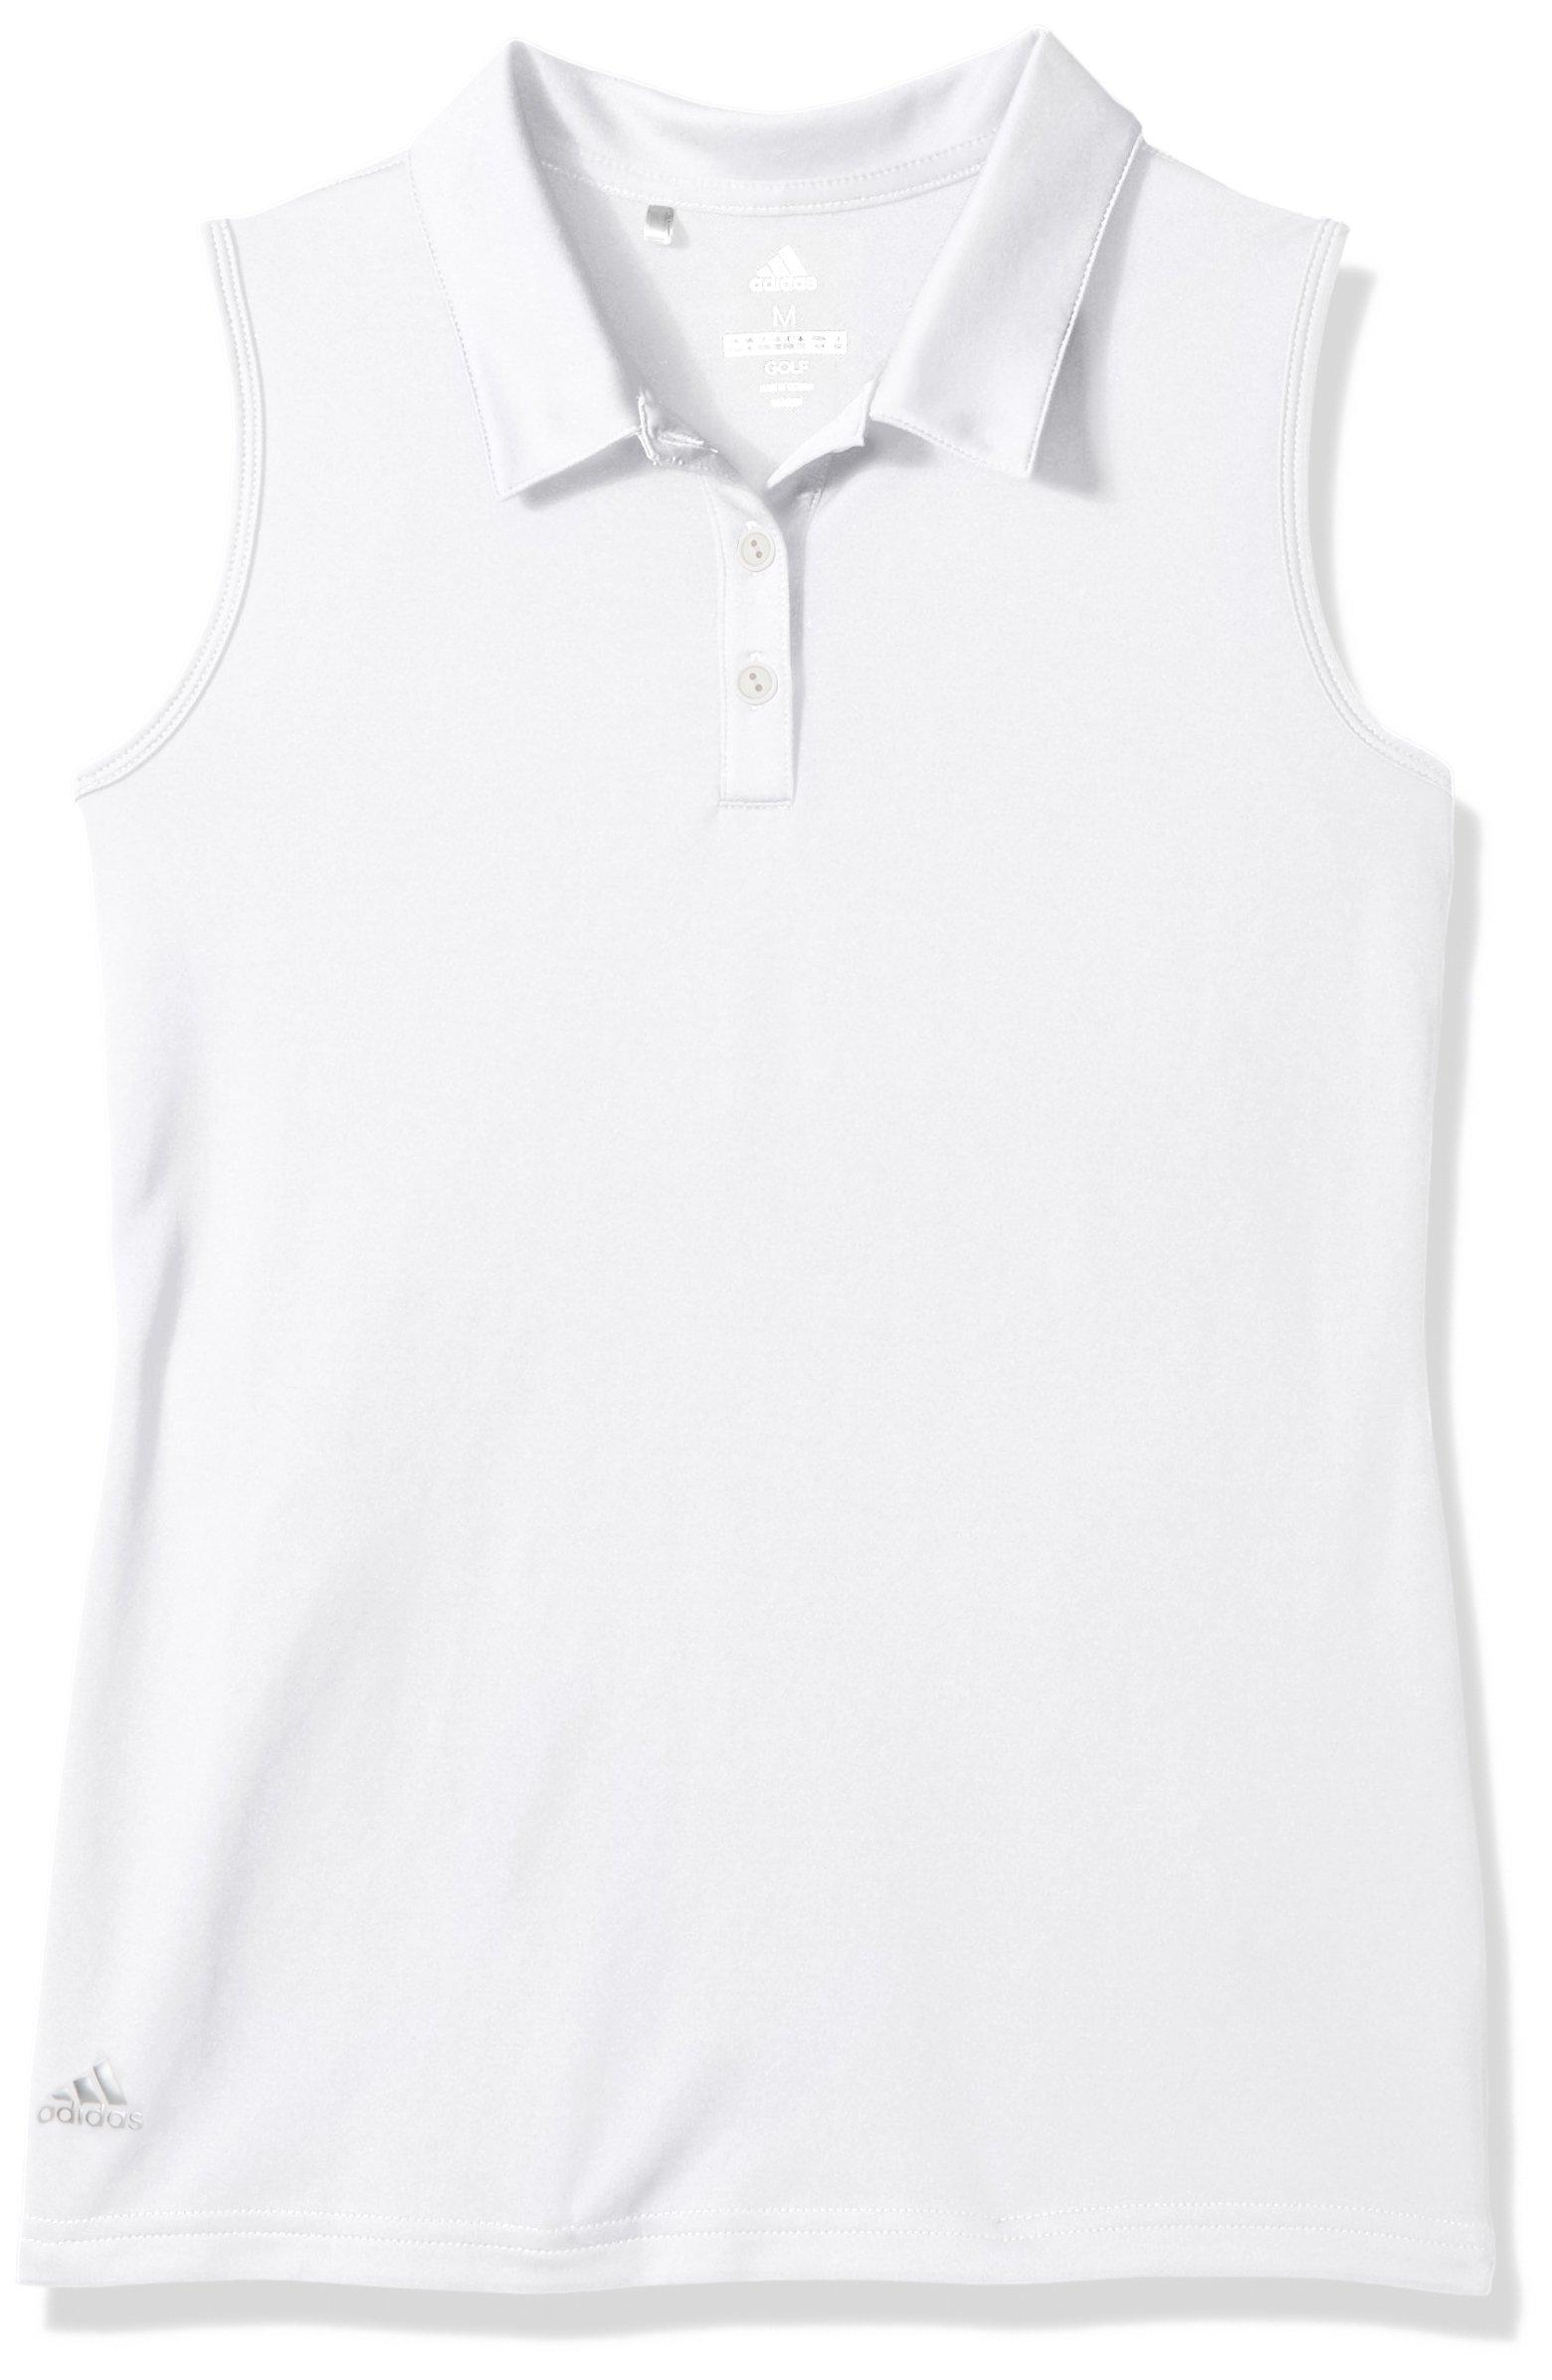 adidas Golf Tournament Sleeveless Polo, White, Small by adidas